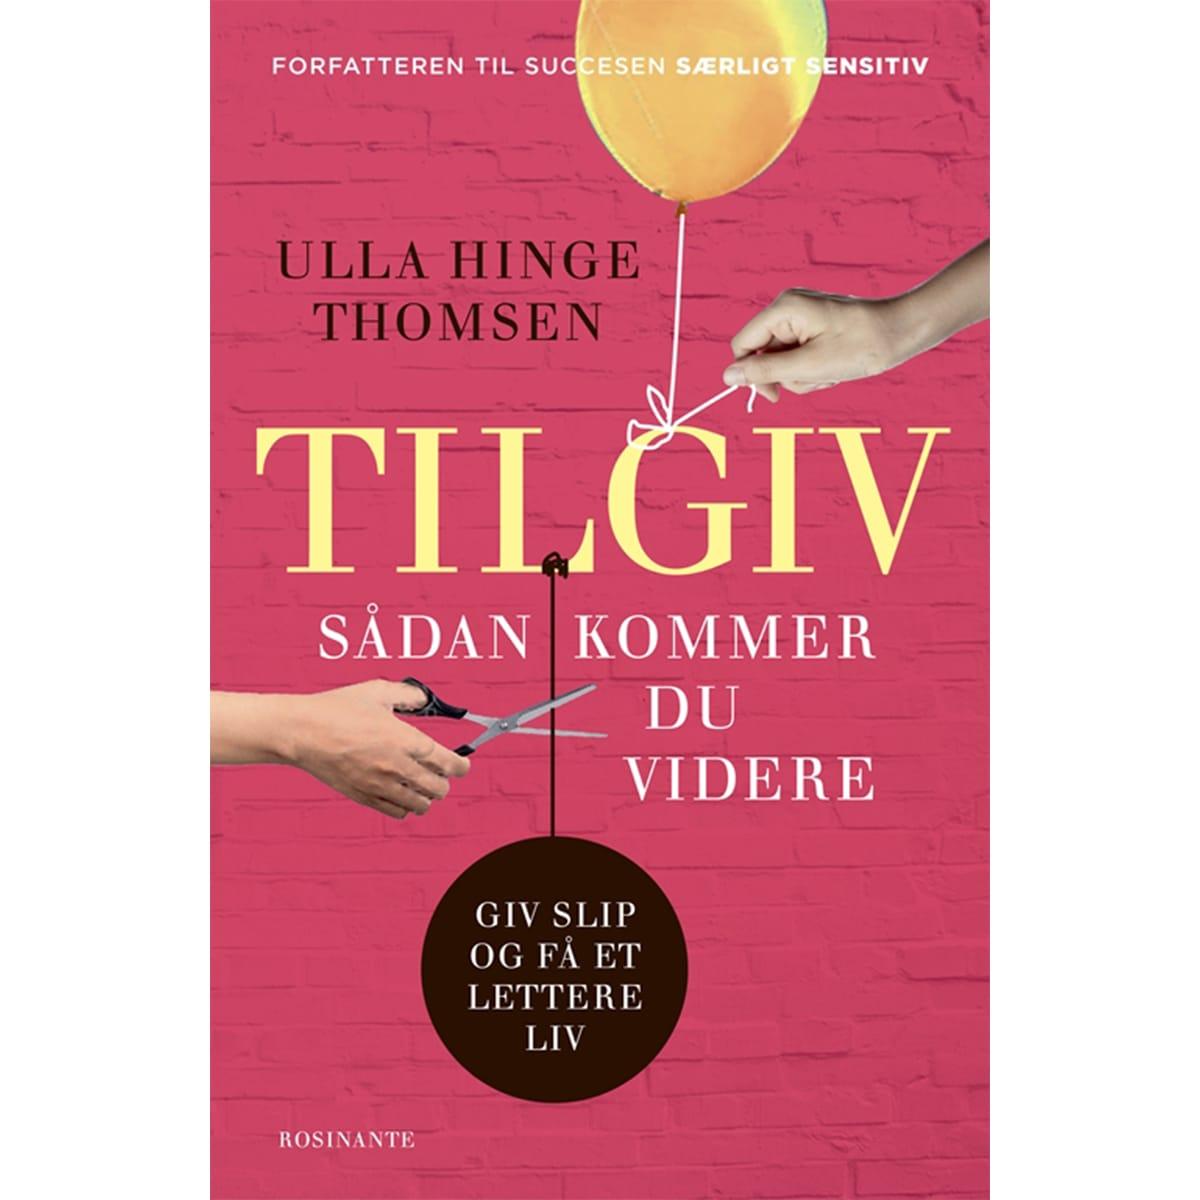 Af Ulla Hinge Thomsen